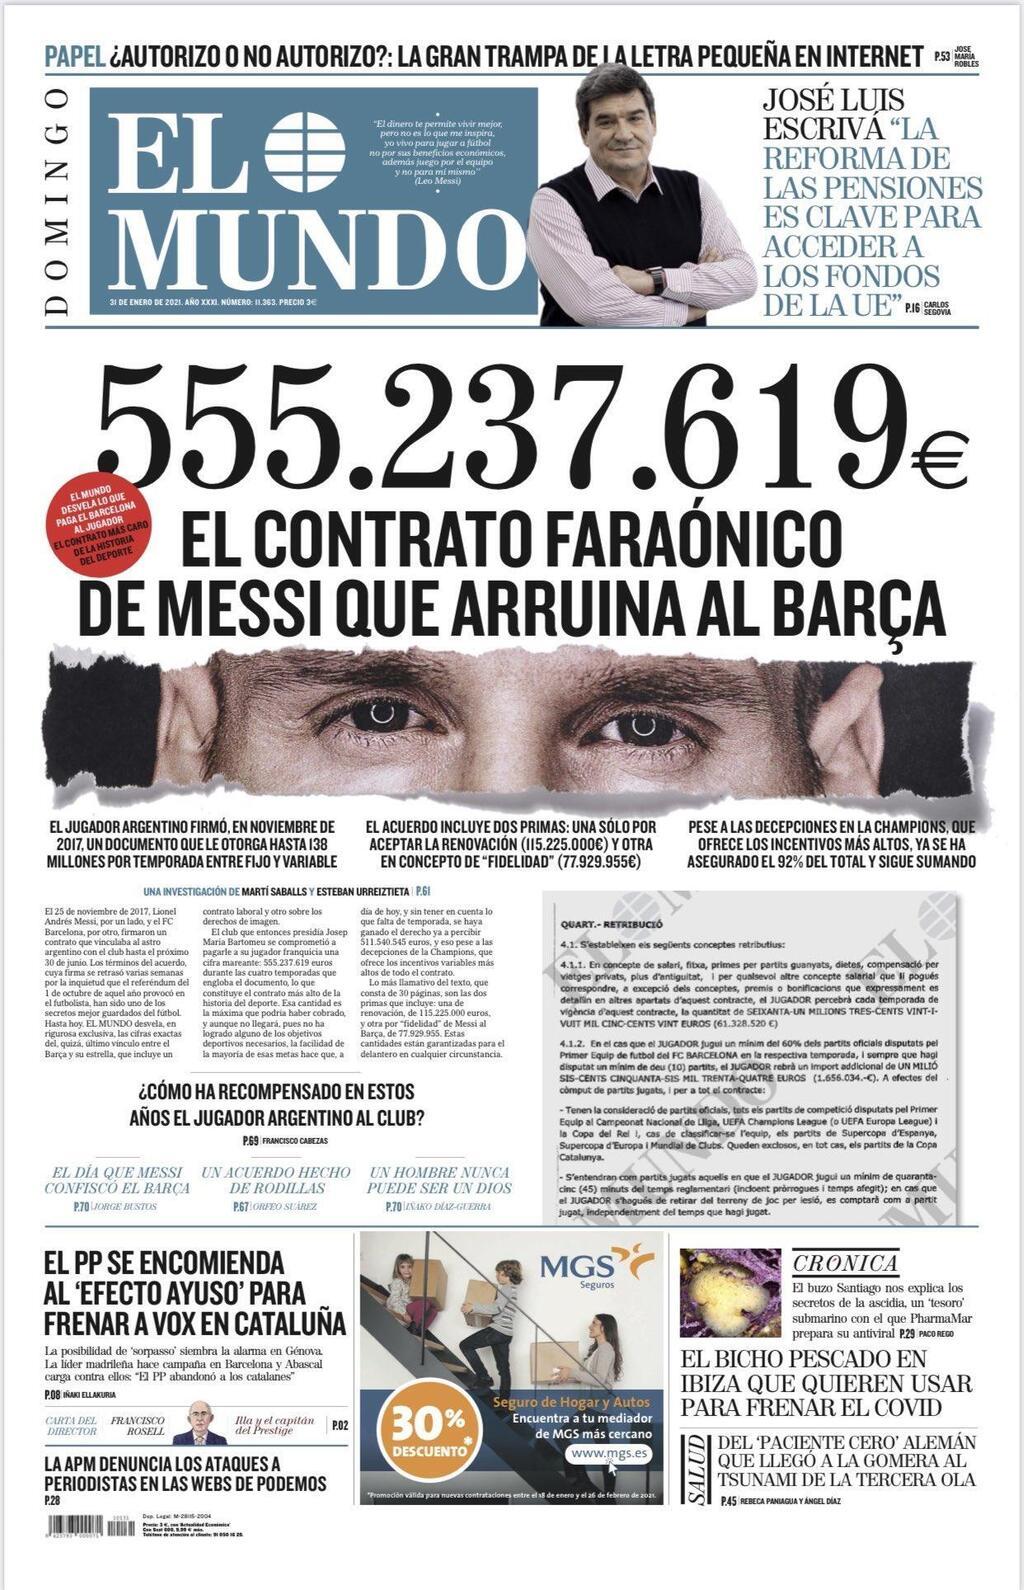 החשיפה בספרד